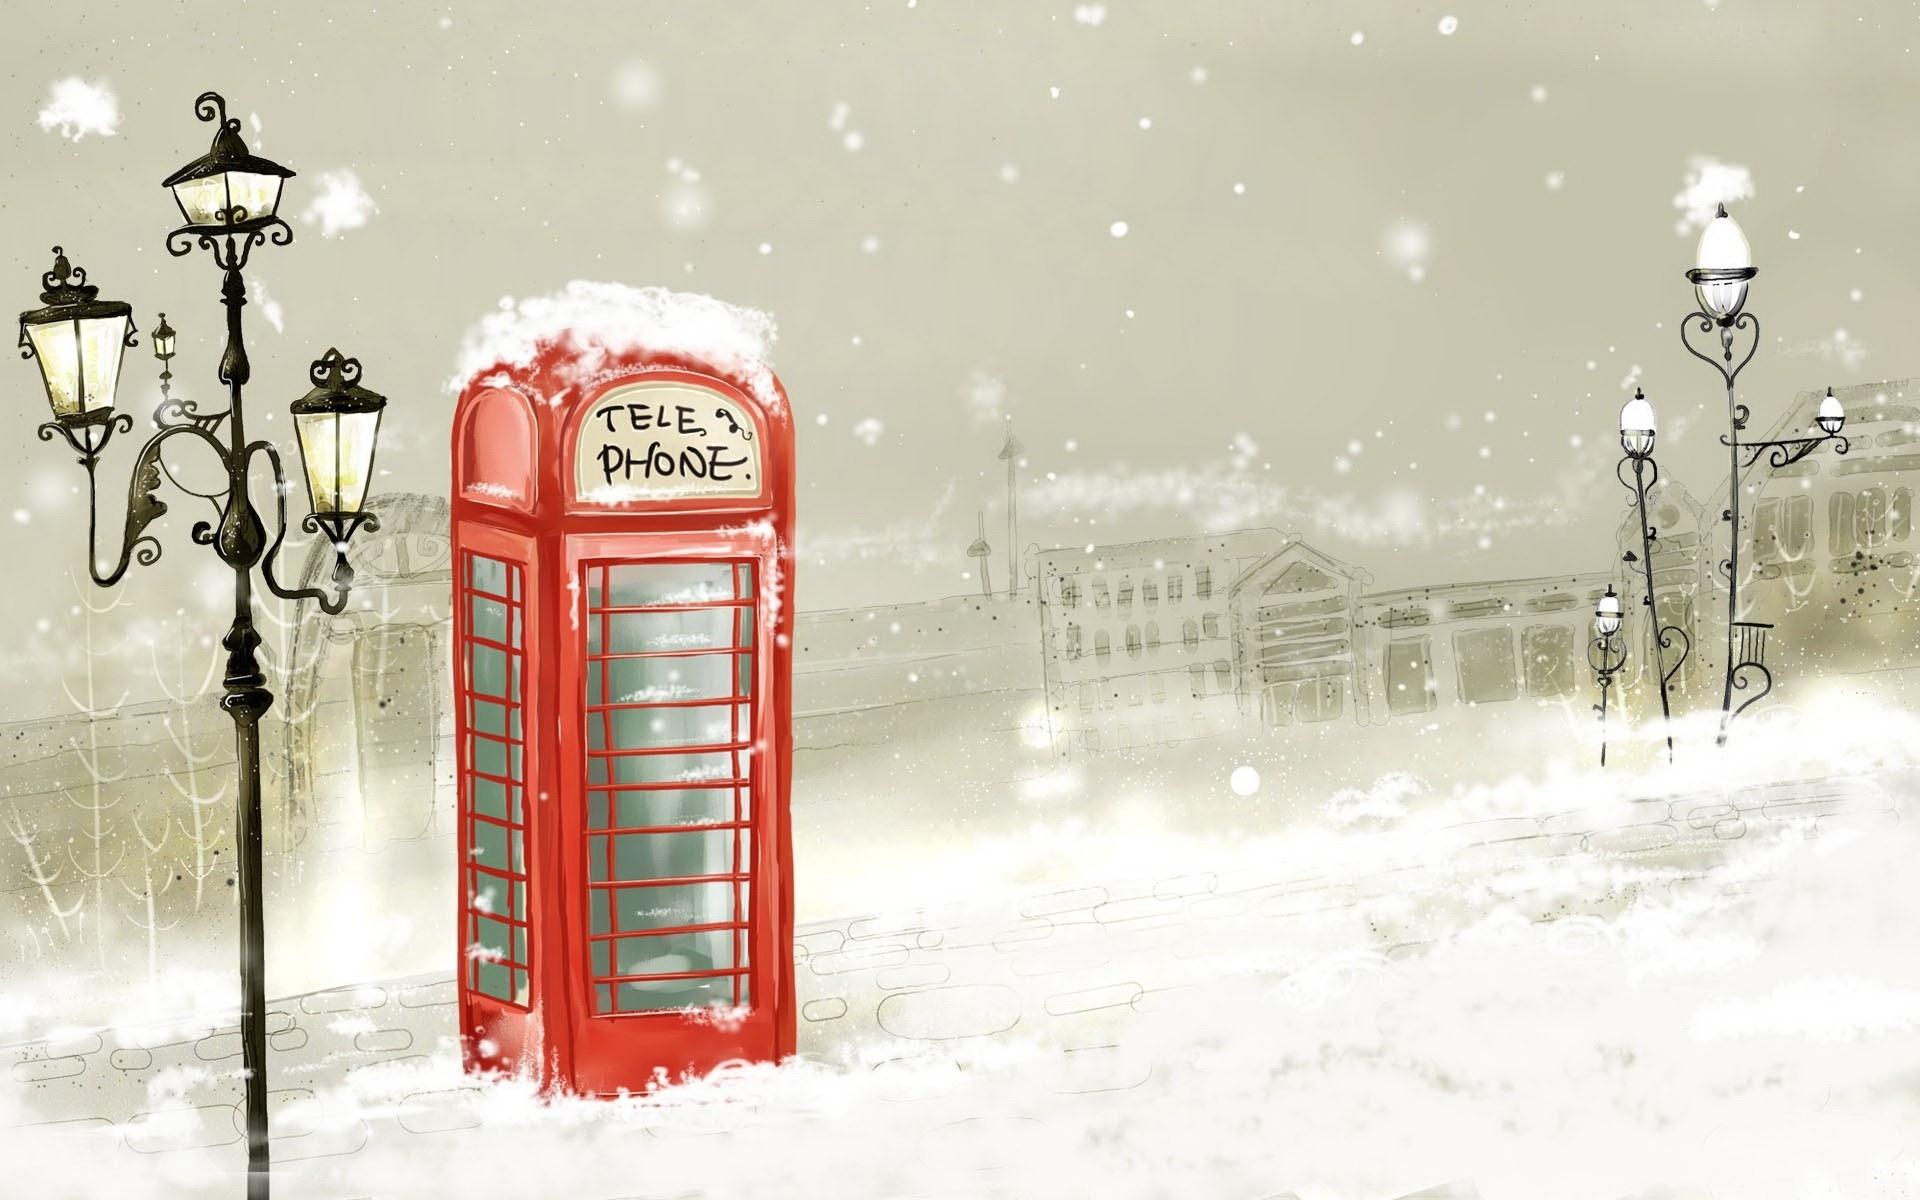 20419 скачать обои Пейзаж, Города, Снег, Рисунки - заставки и картинки бесплатно